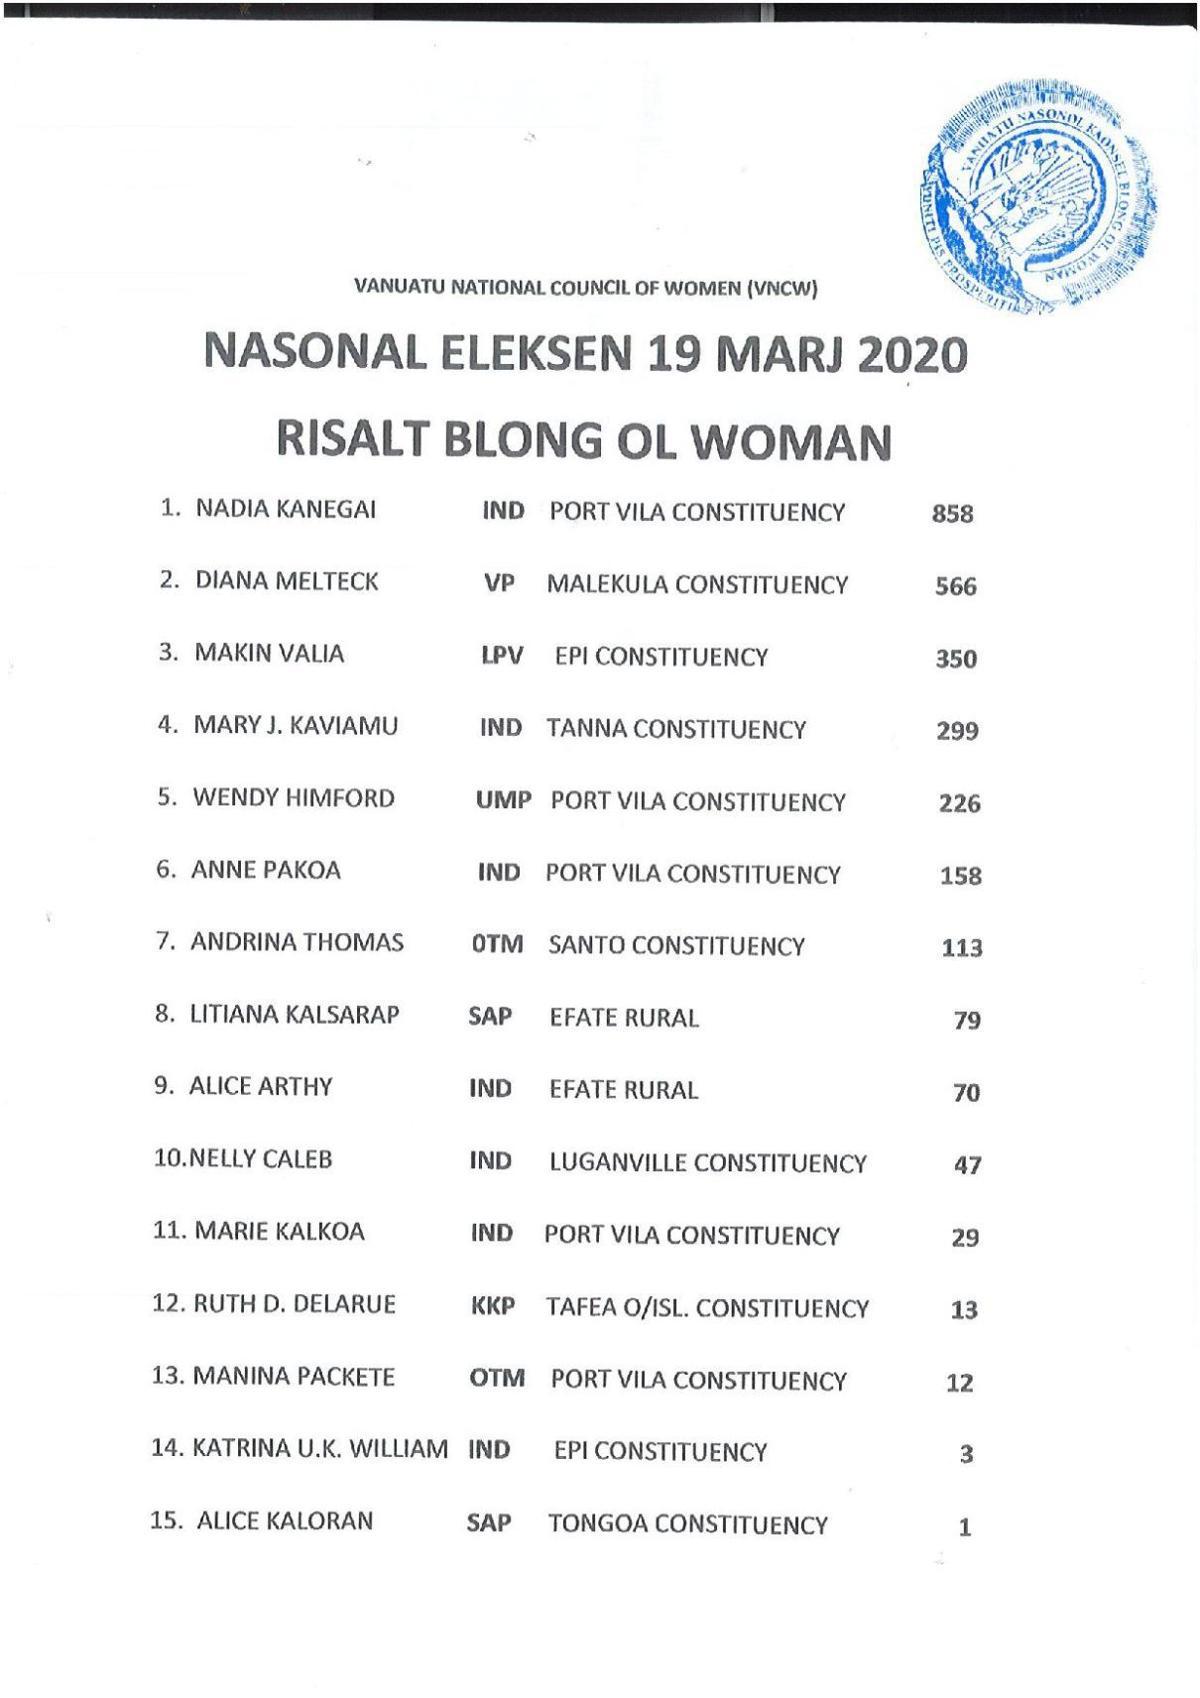 female-candidates-vanuatu-women-2020-total-votes